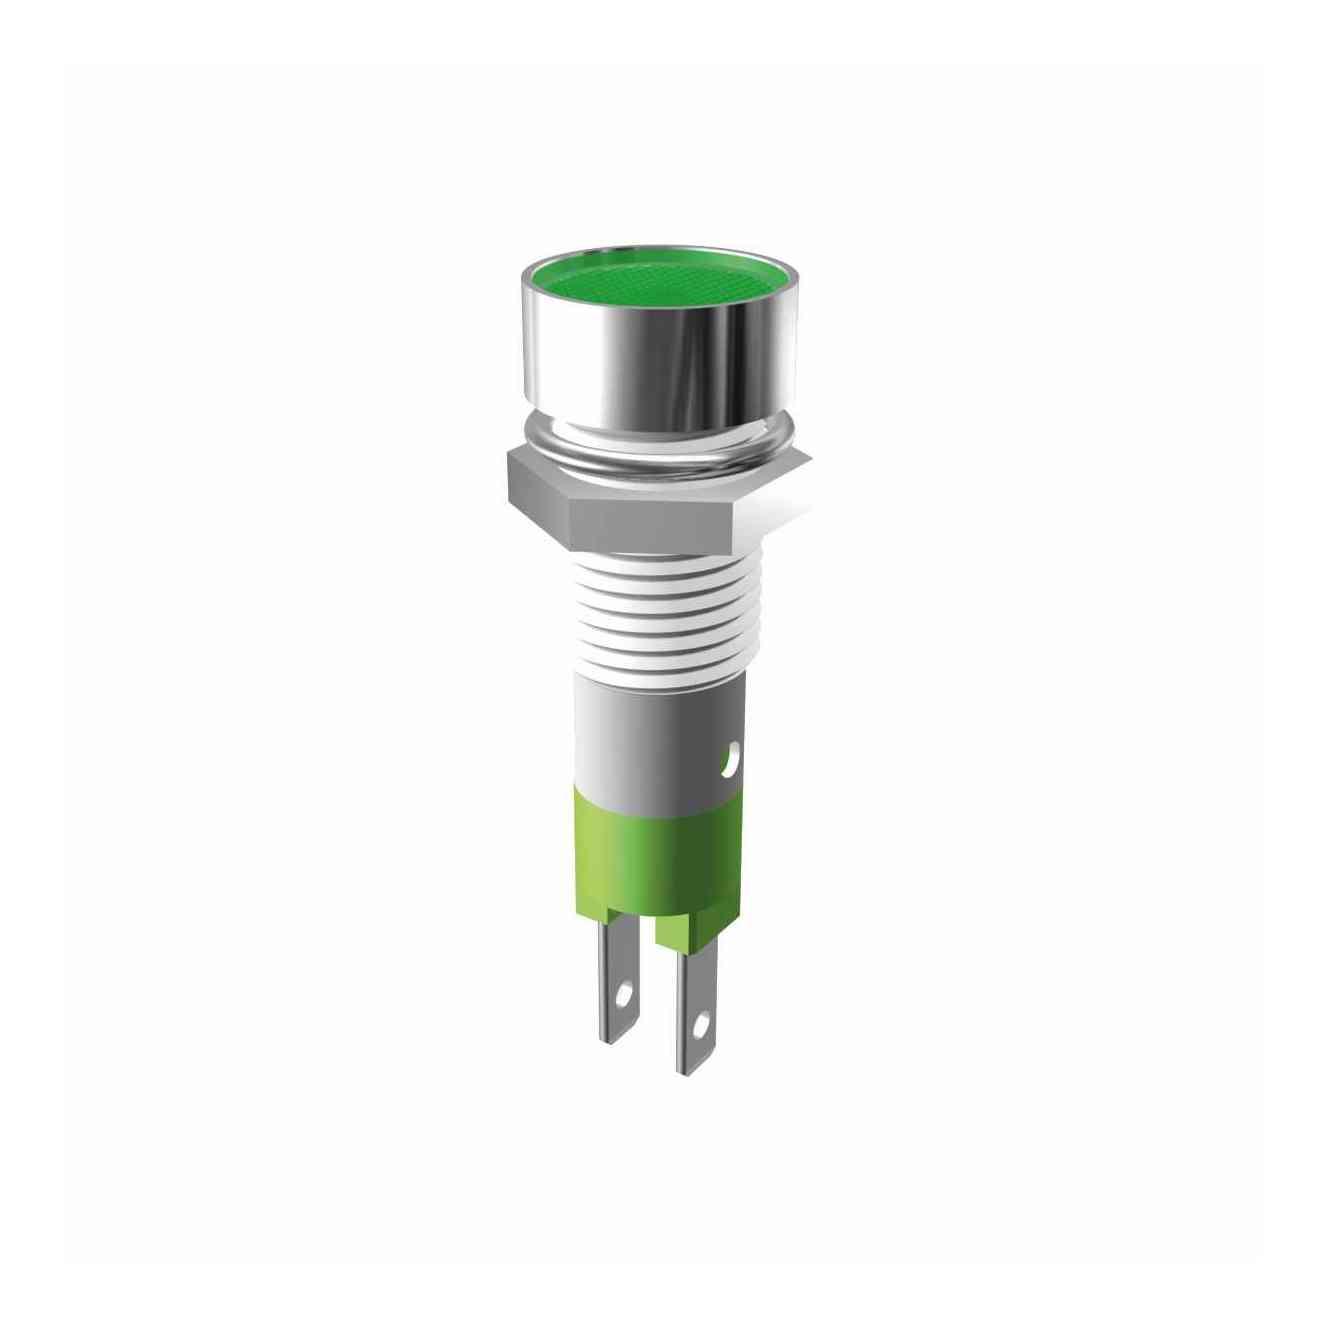 LED-Signalleuchte Ø8mm Innenreflektor Kopf zylindrisch mit Blendenplatte